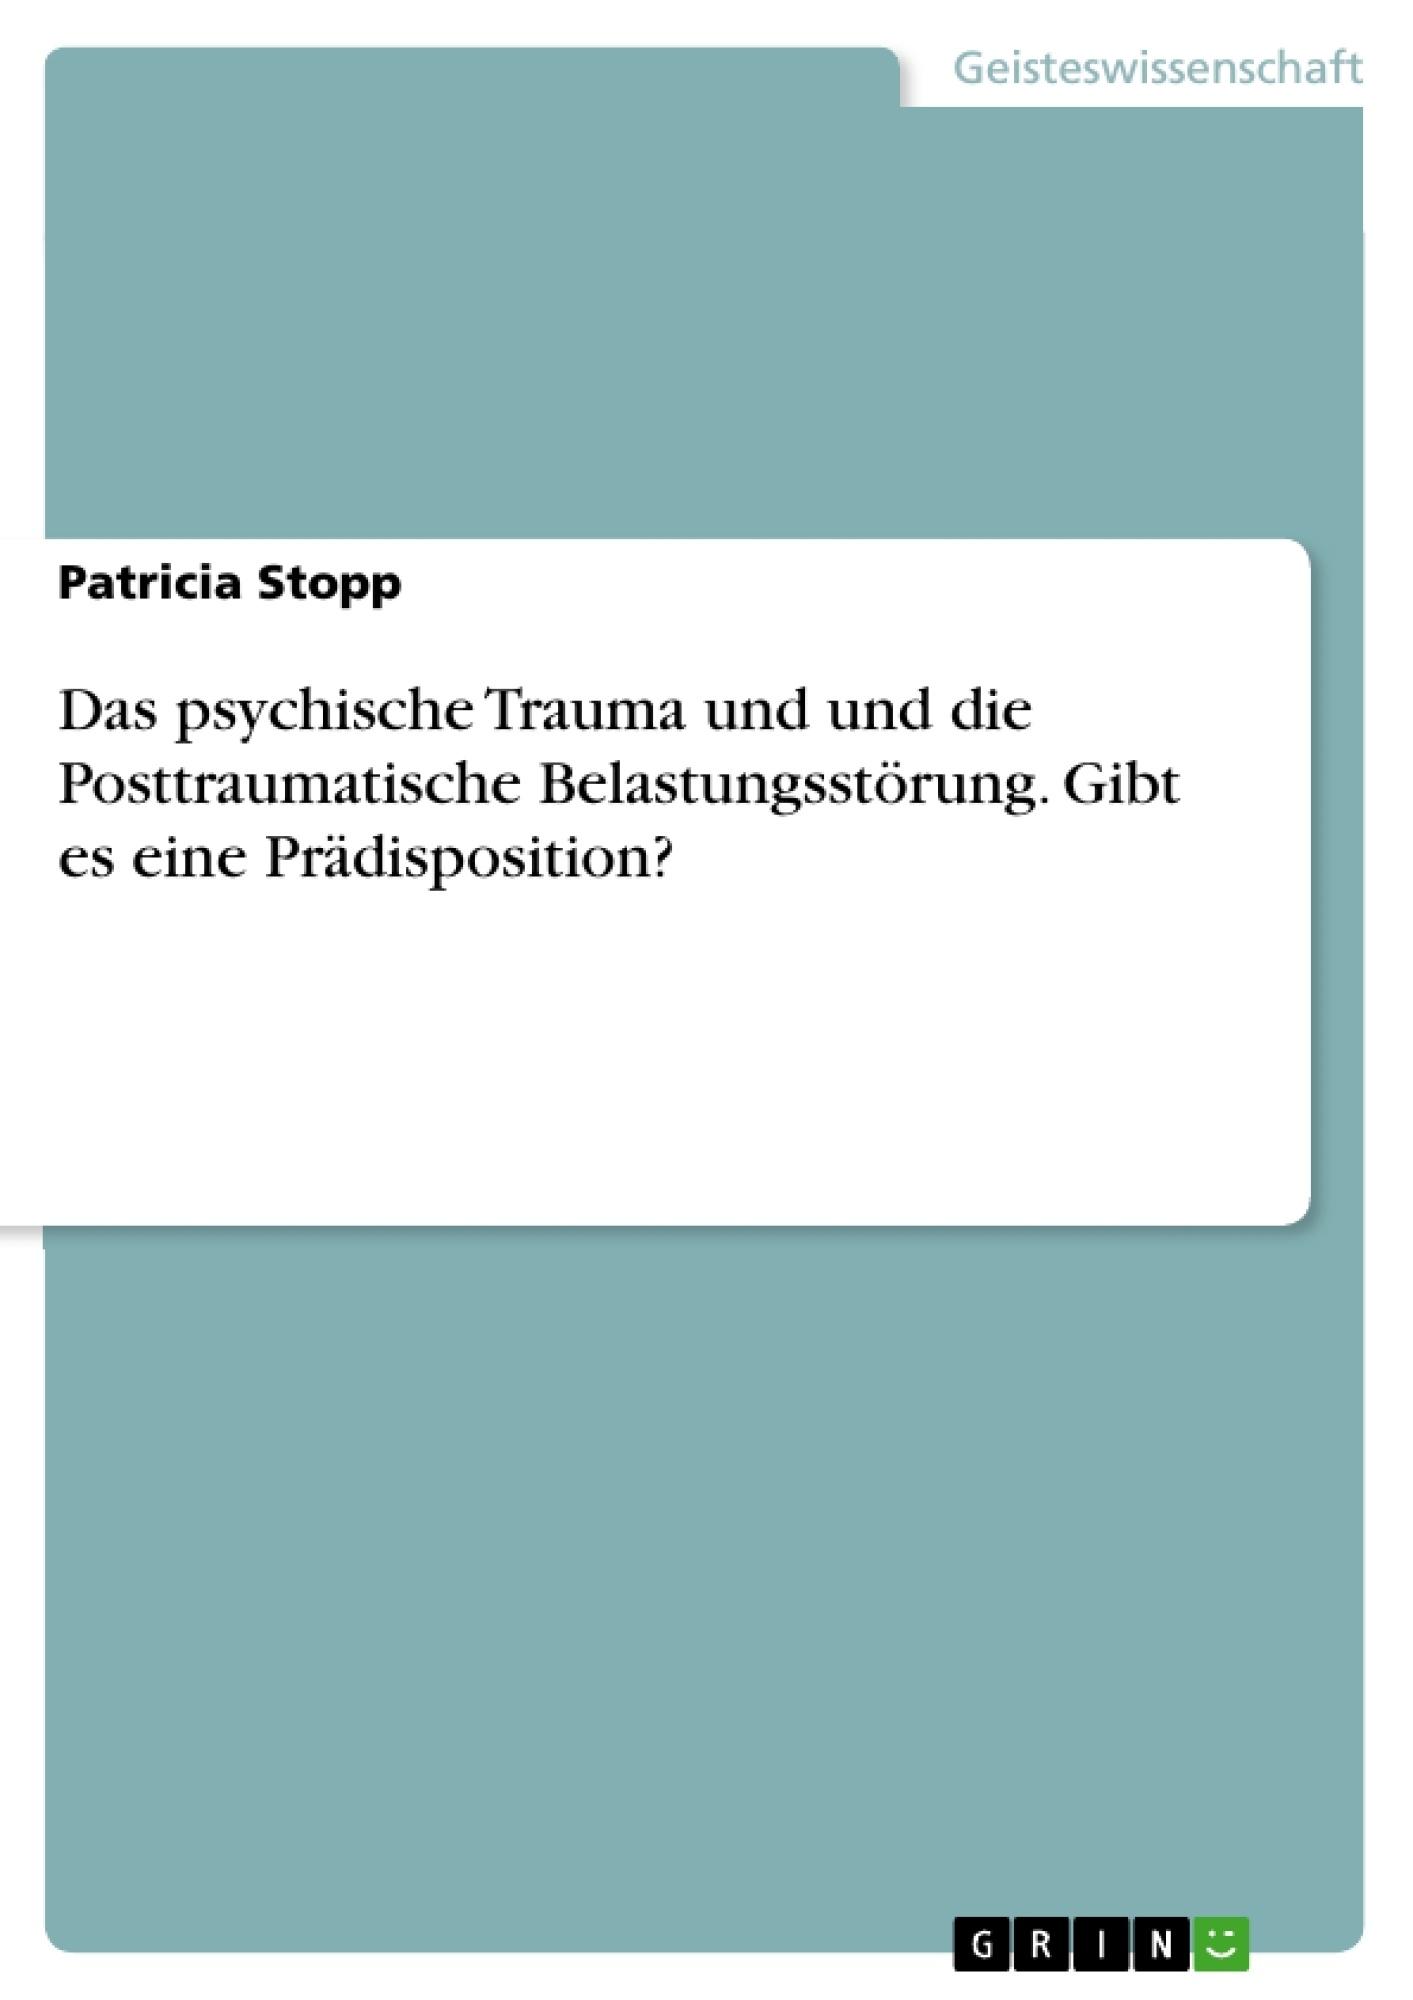 Titel: Das psychische Trauma und und die Posttraumatische Belastungsstörung. Gibt es eine Prädisposition?